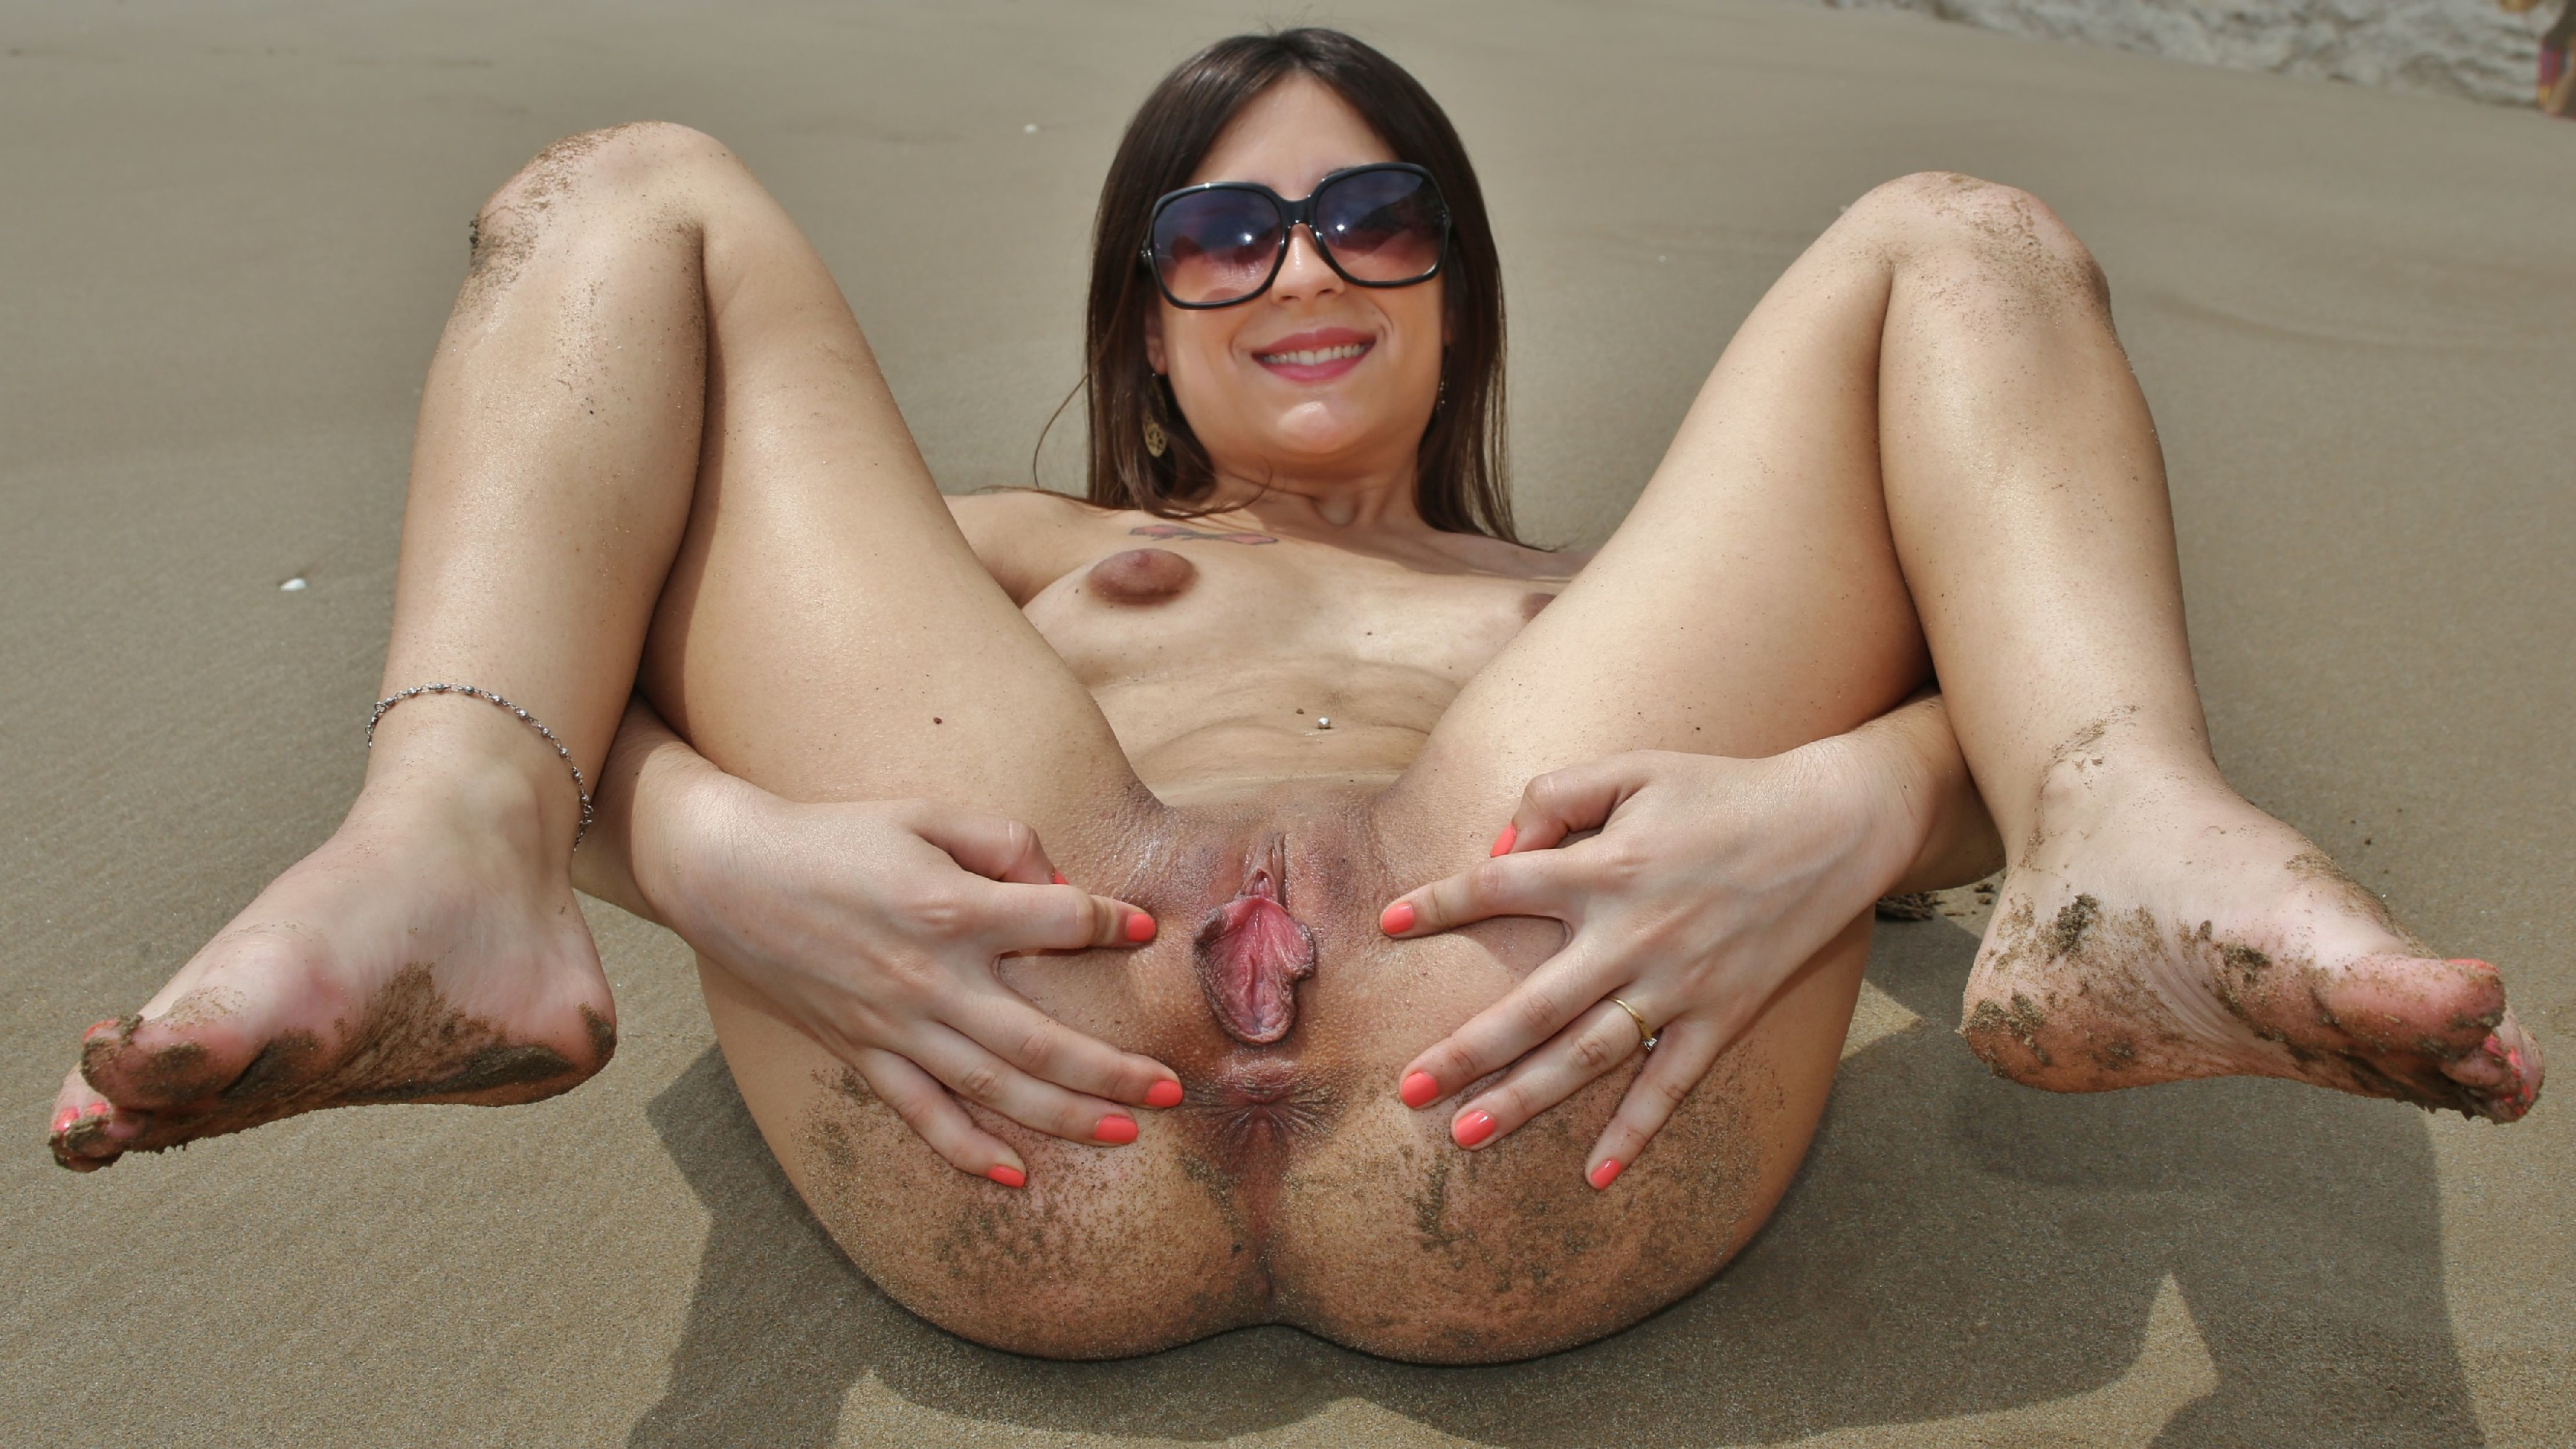 Девчонка сняла прозрачный купальник на пляже